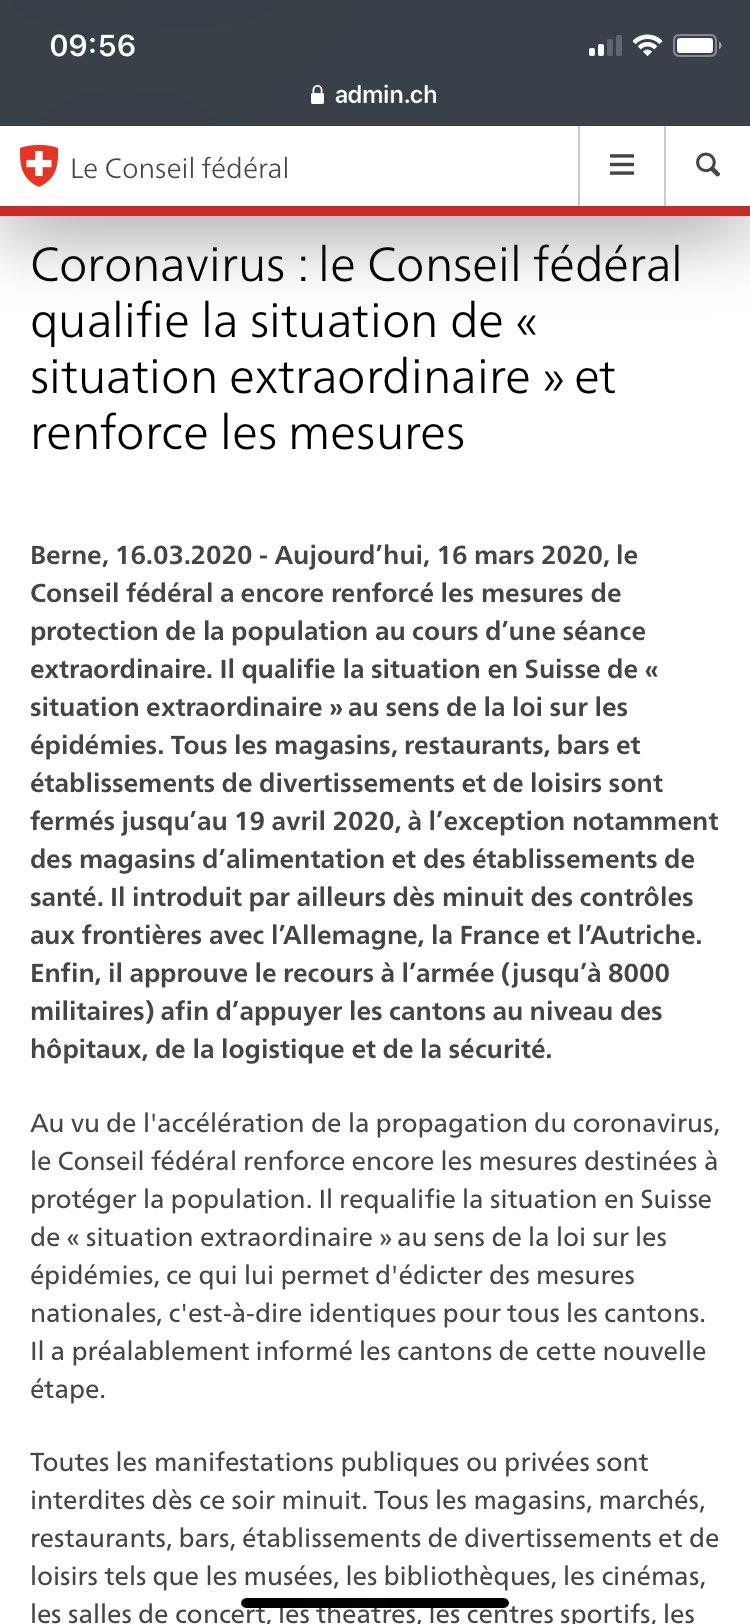 La Suisse En France On Twitter Le Coronavirus Se Propage Vite Le Conseil Federal A Declare La Situation Extraordinaire Et Prend De Nouvelles Mesures Pour Tout Le Territoire Suisse Https T Co 04d4jhygwz Https T Co Gqsxkztt3l